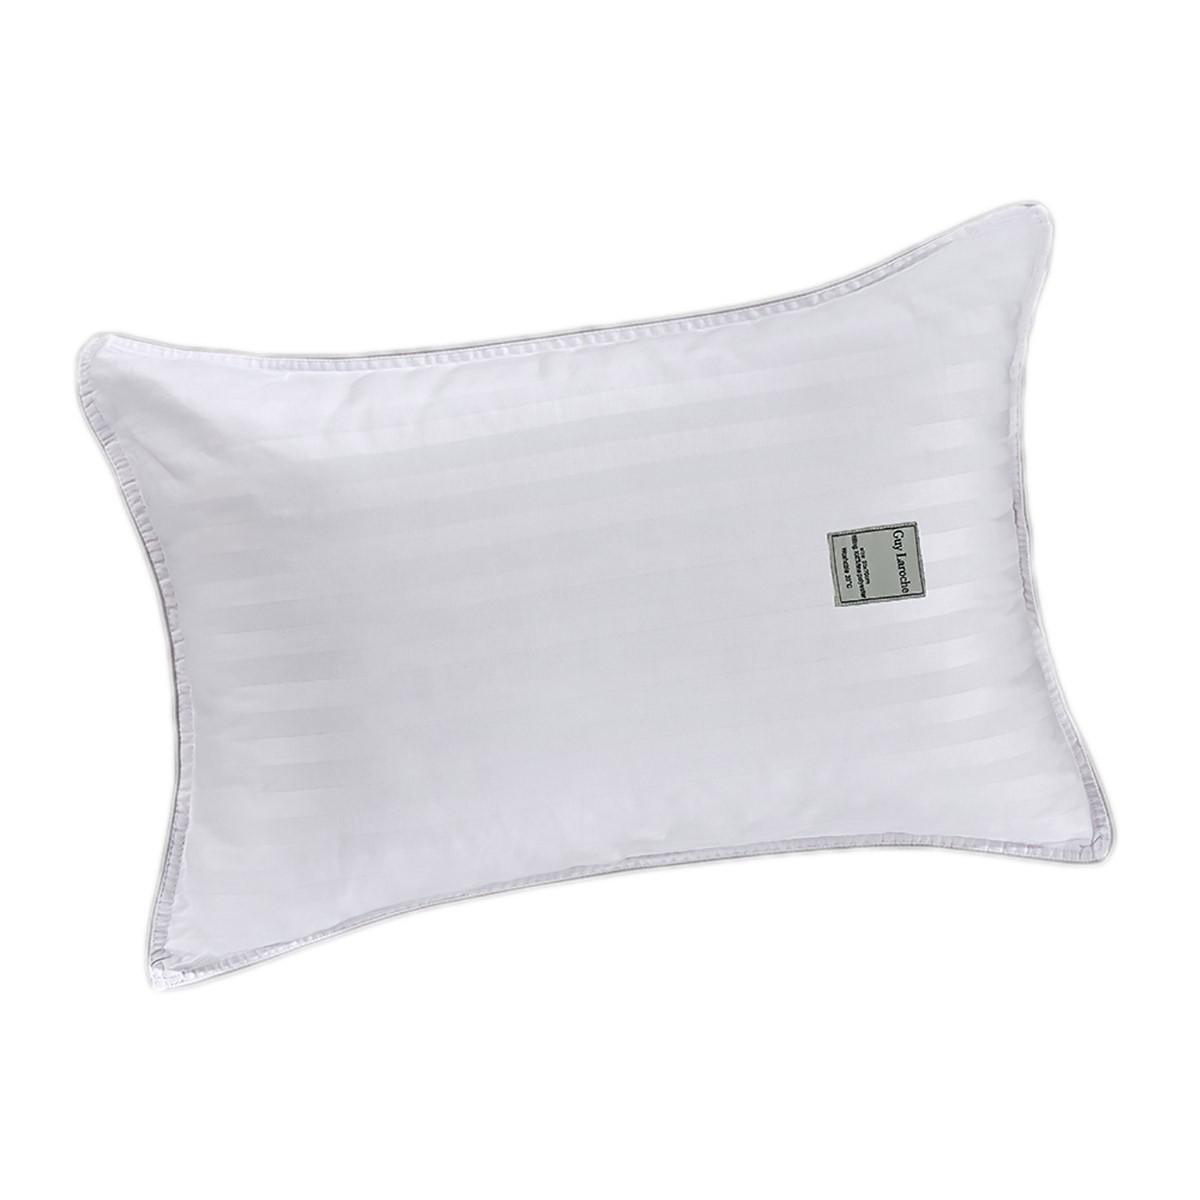 Μαξιλάρι Ύπνου Guy Laroche Easy Fit Soft